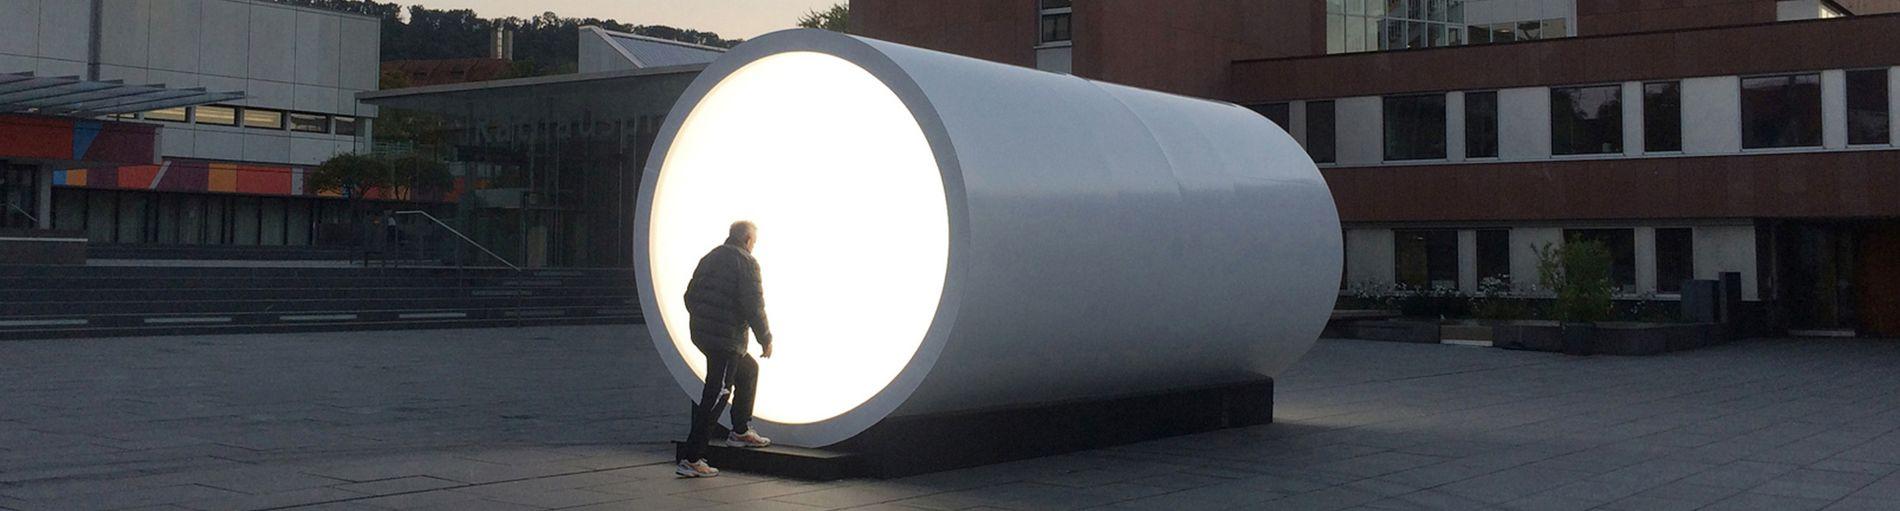 Ein weißes großes Rohr, welches beleuchtet wird.